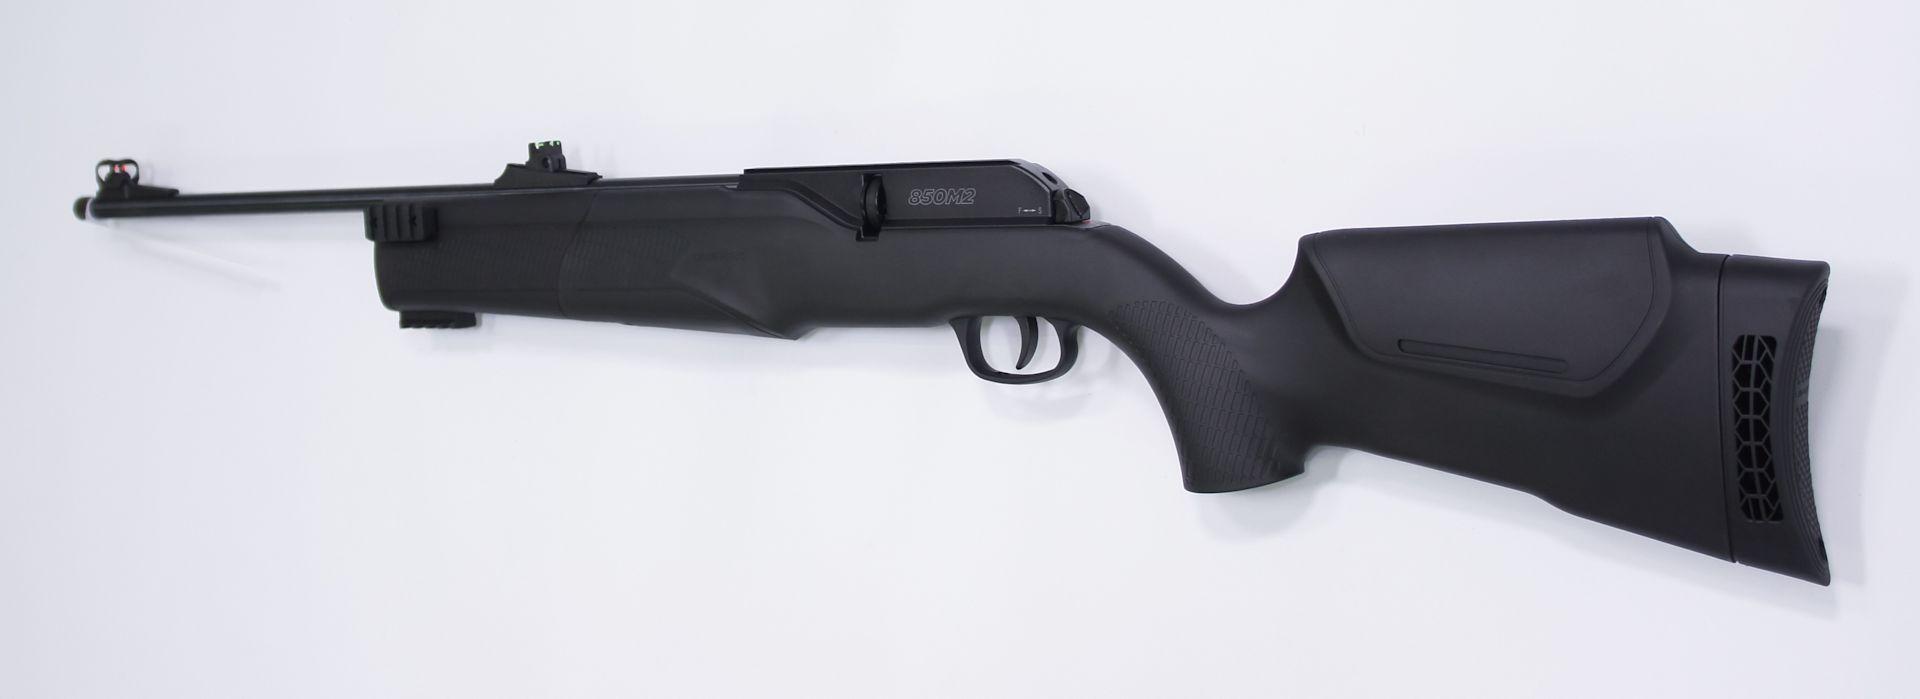 Das CO2-Luftgewehr Umarex 850 M2 bietet gegenüber senem Vorgängermodell einige Neuheiten.